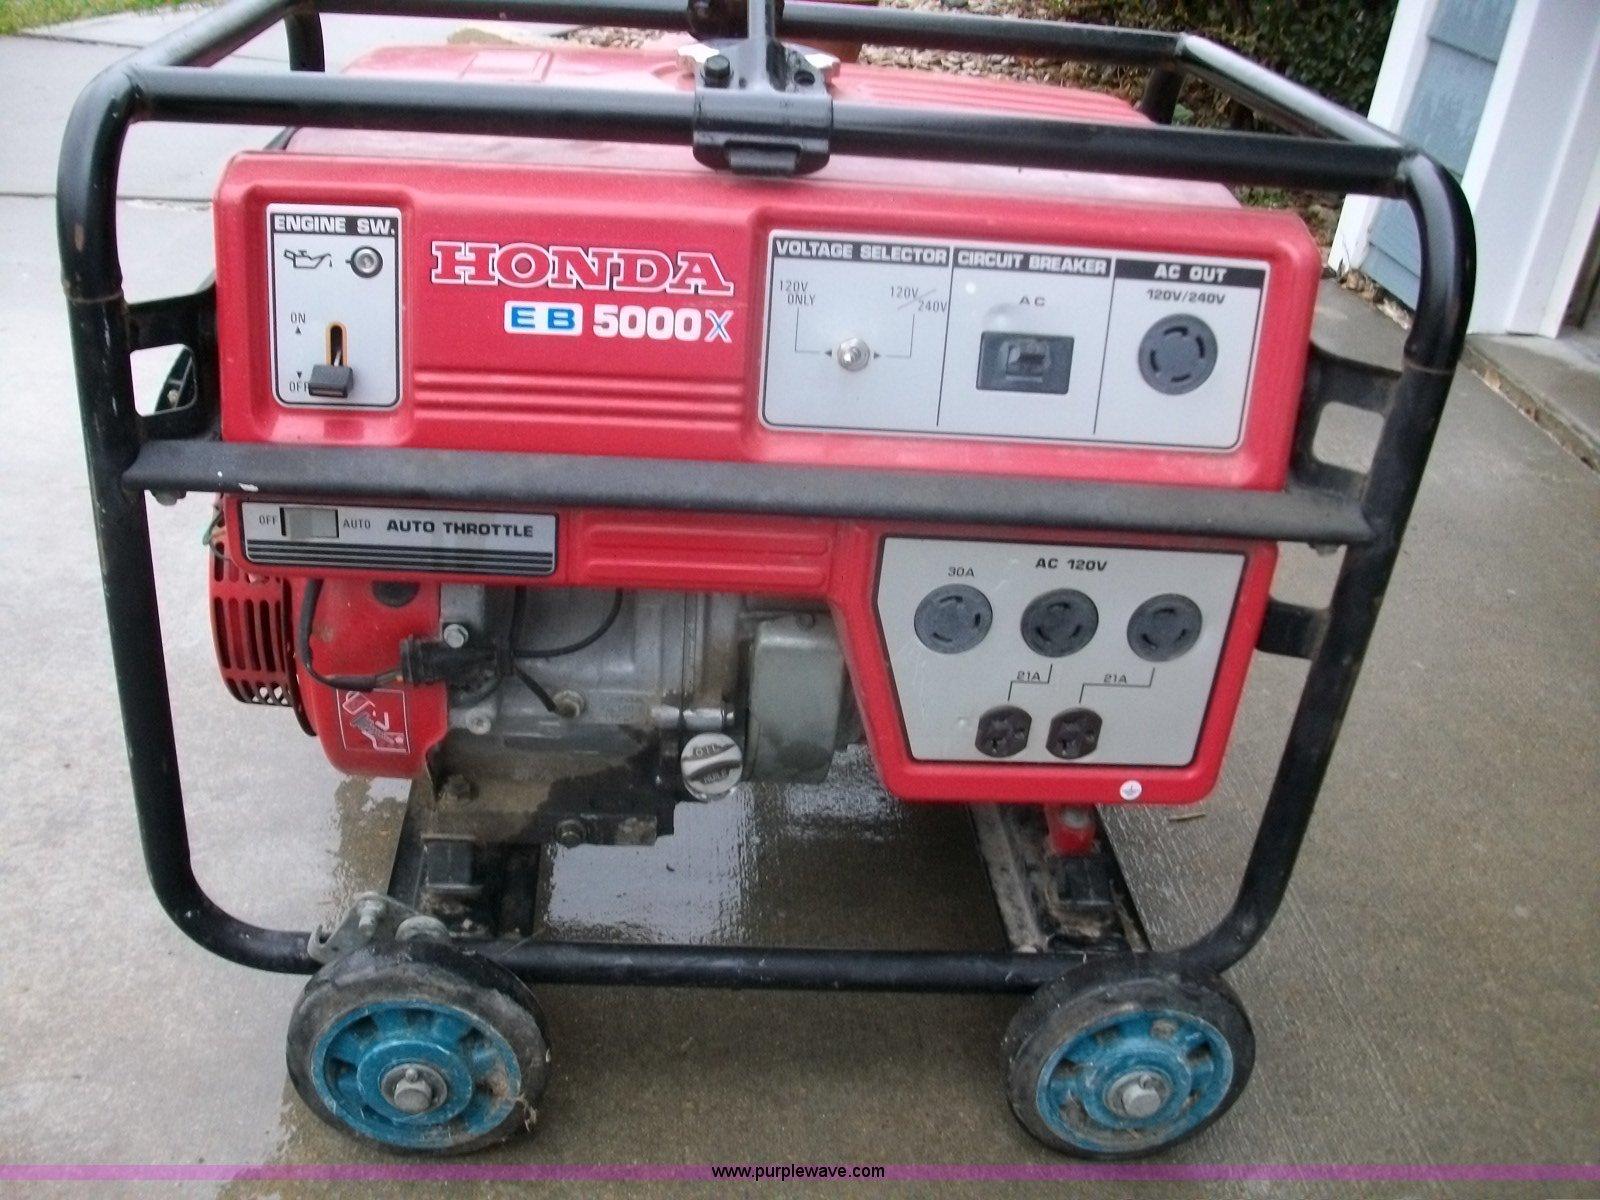 Honda EB5000X generator Item B1041